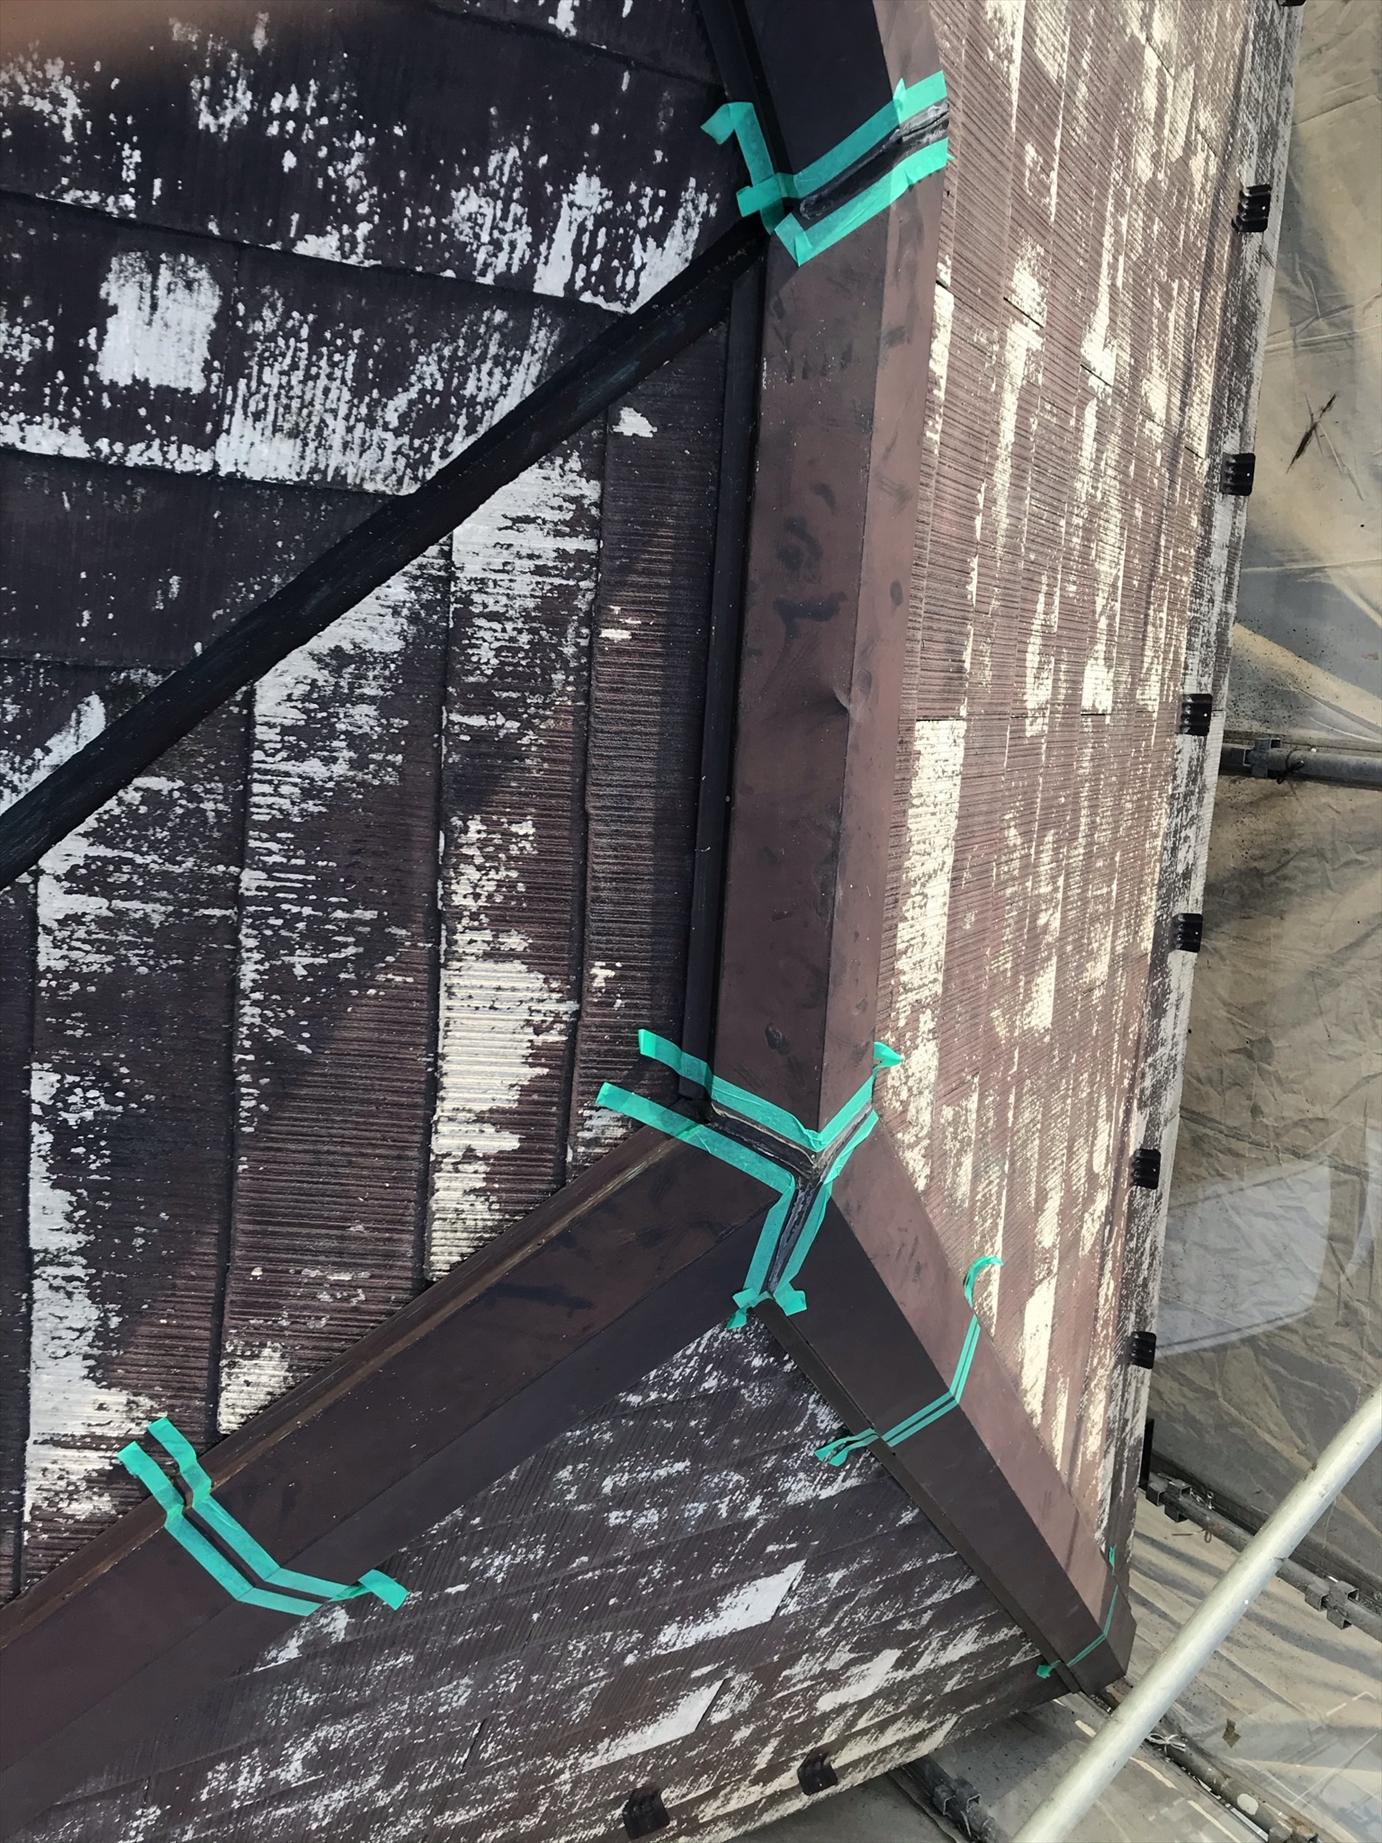 伊奈町賃貸一軒家塗装前棟板金補修